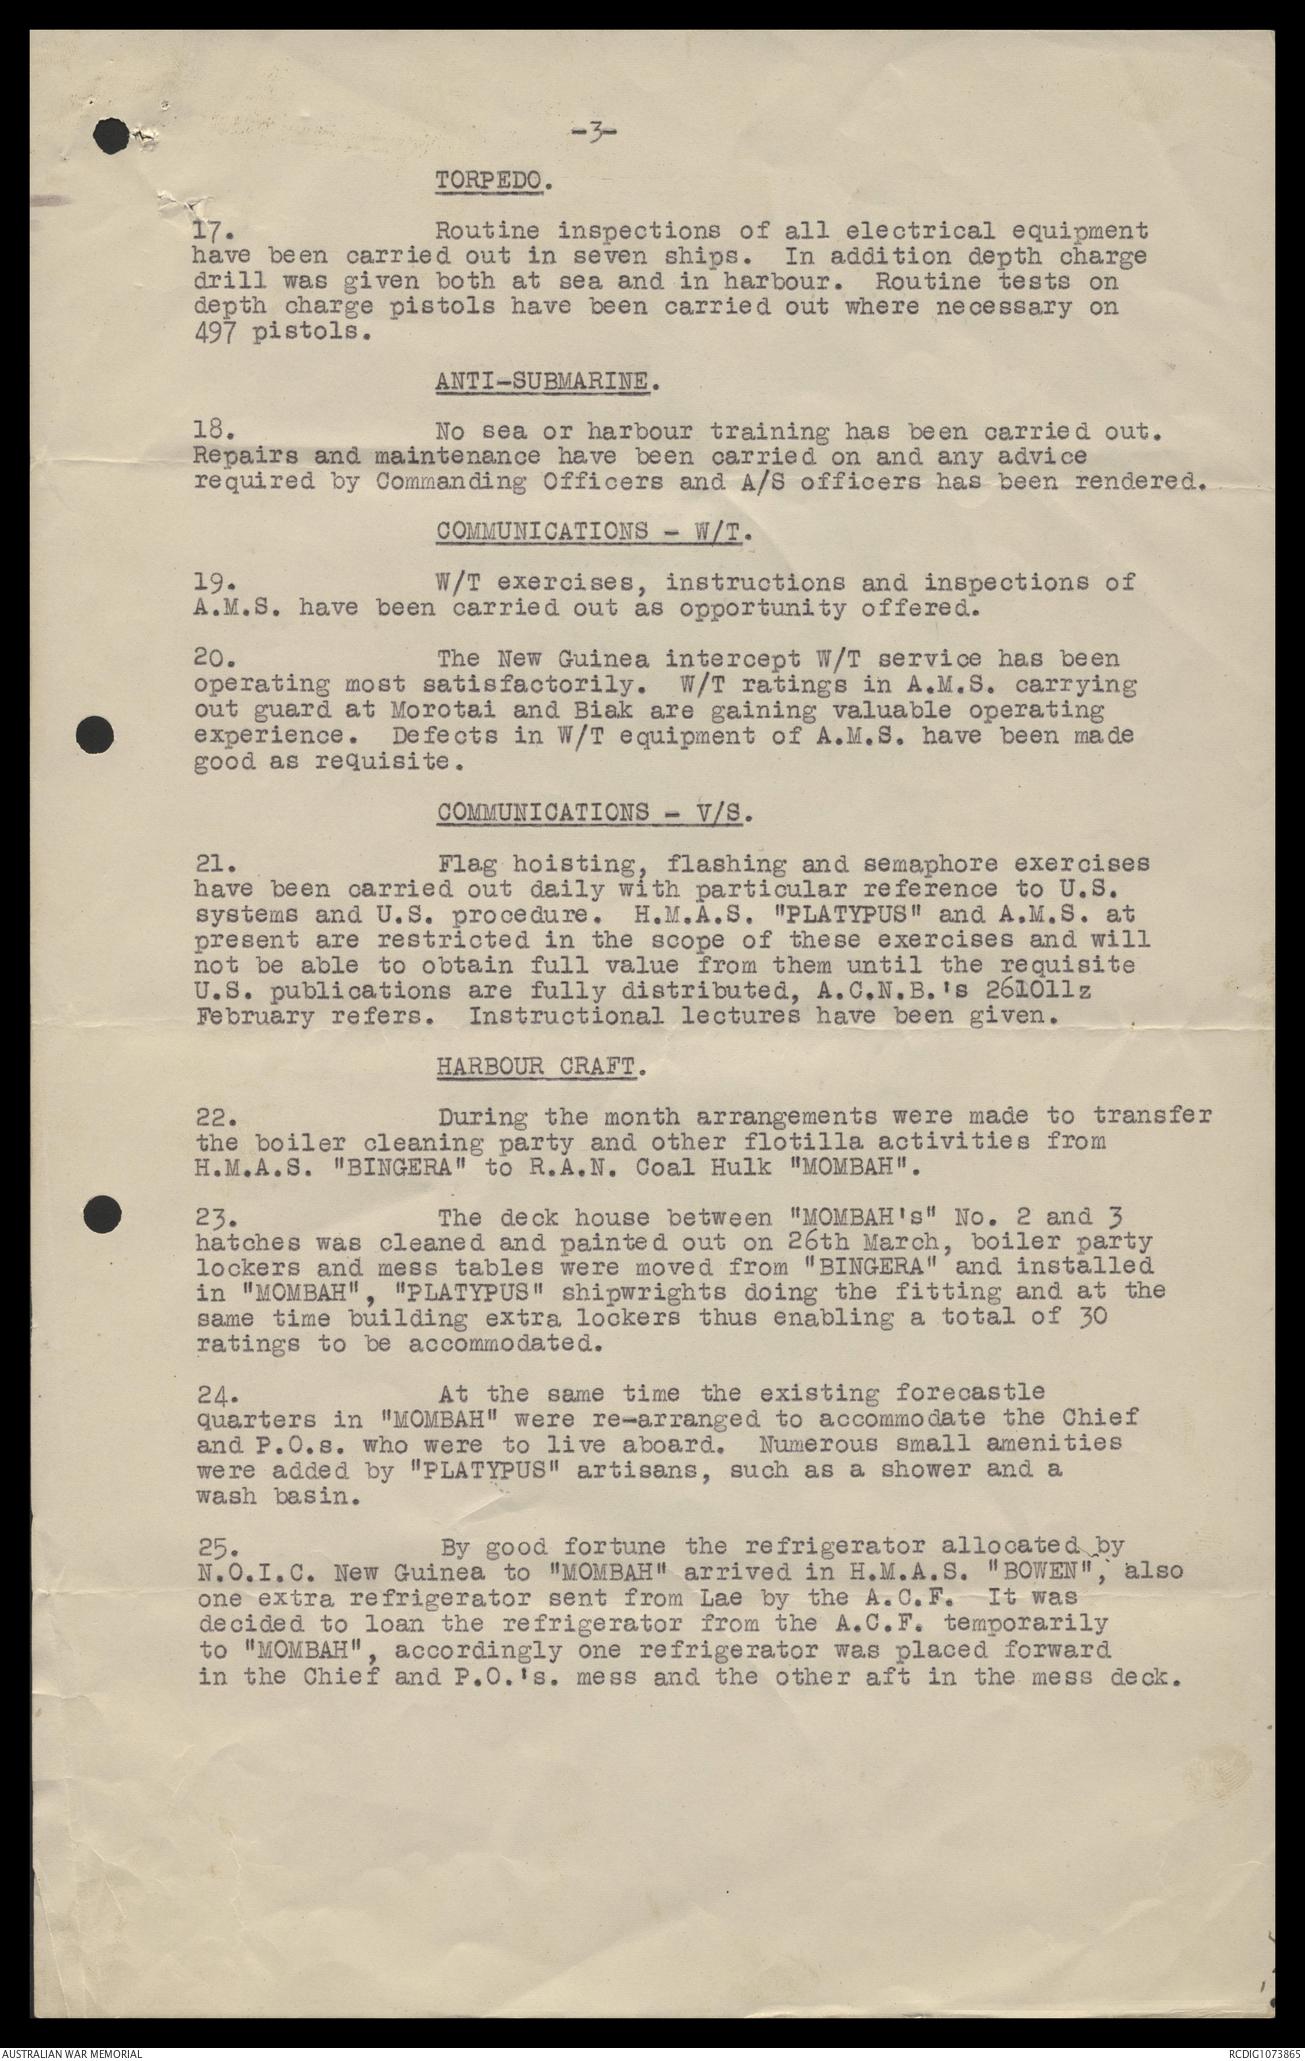 AWM78 425/1 - December 1943 - June 1945    The Australian